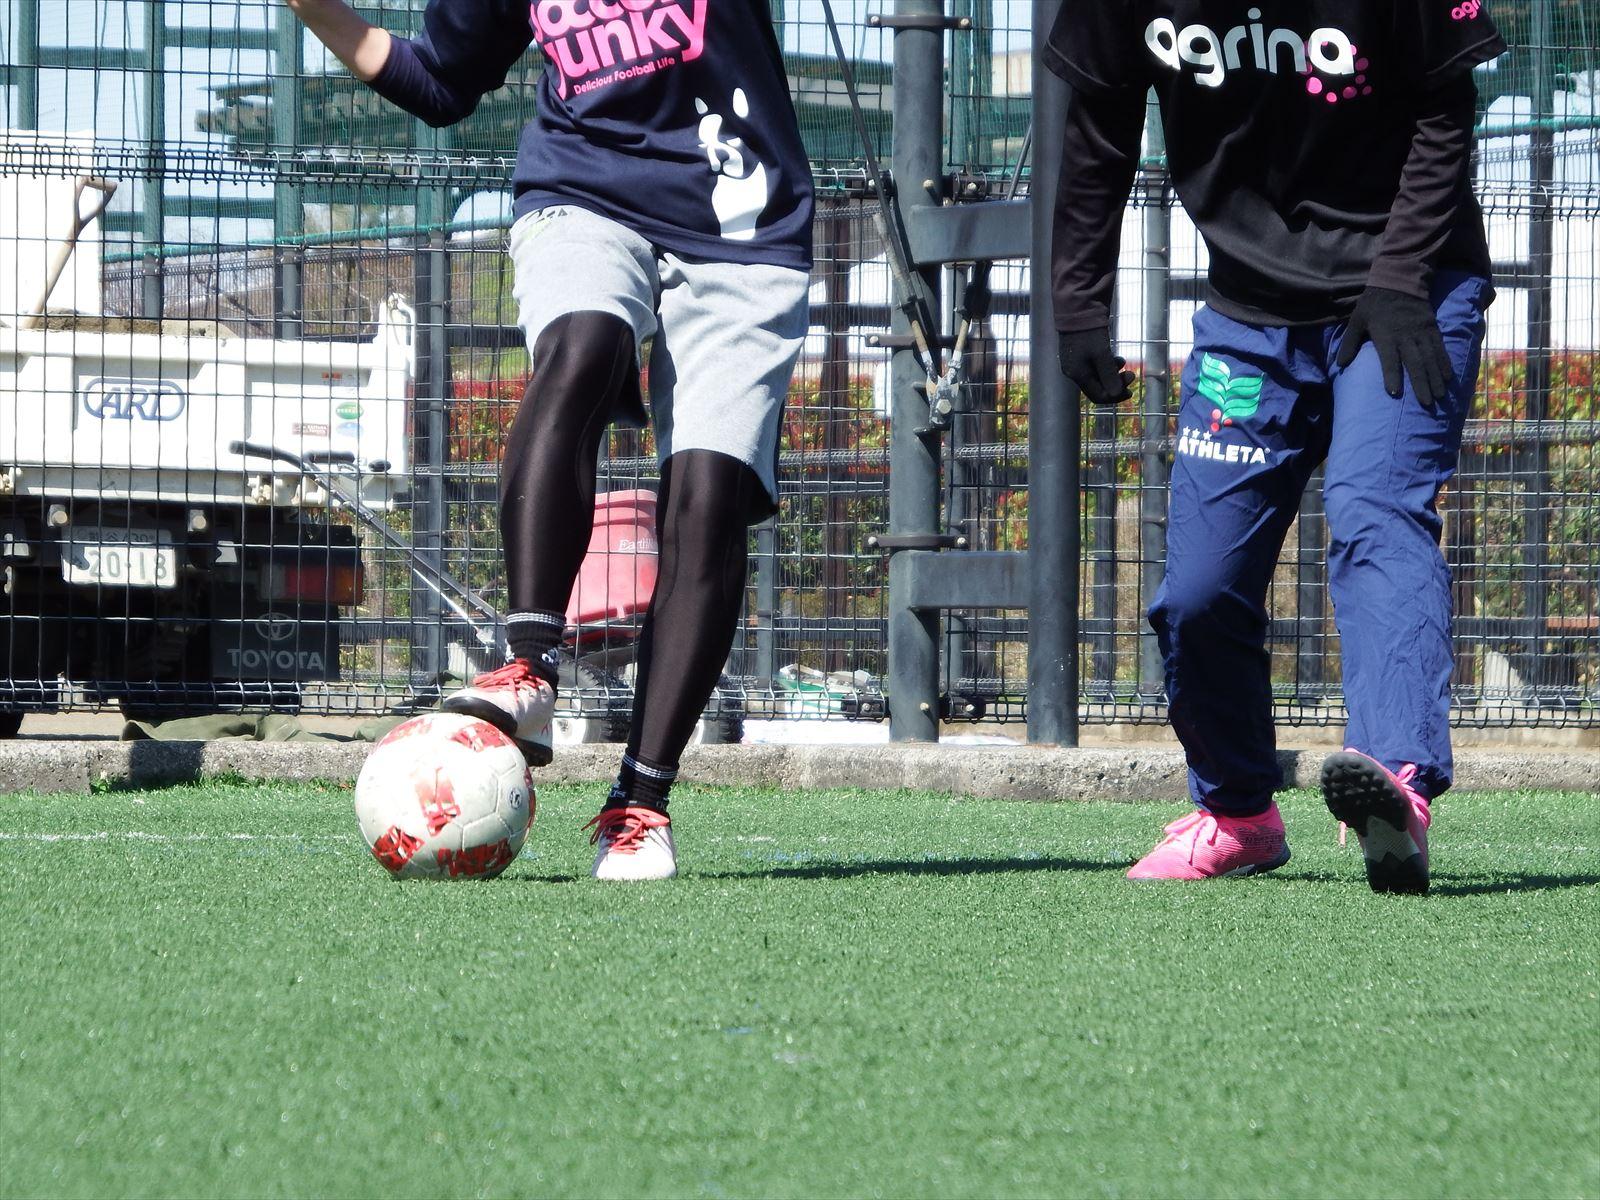 西が丘レディースサッカー教室 2020年4月の活動スケジュール